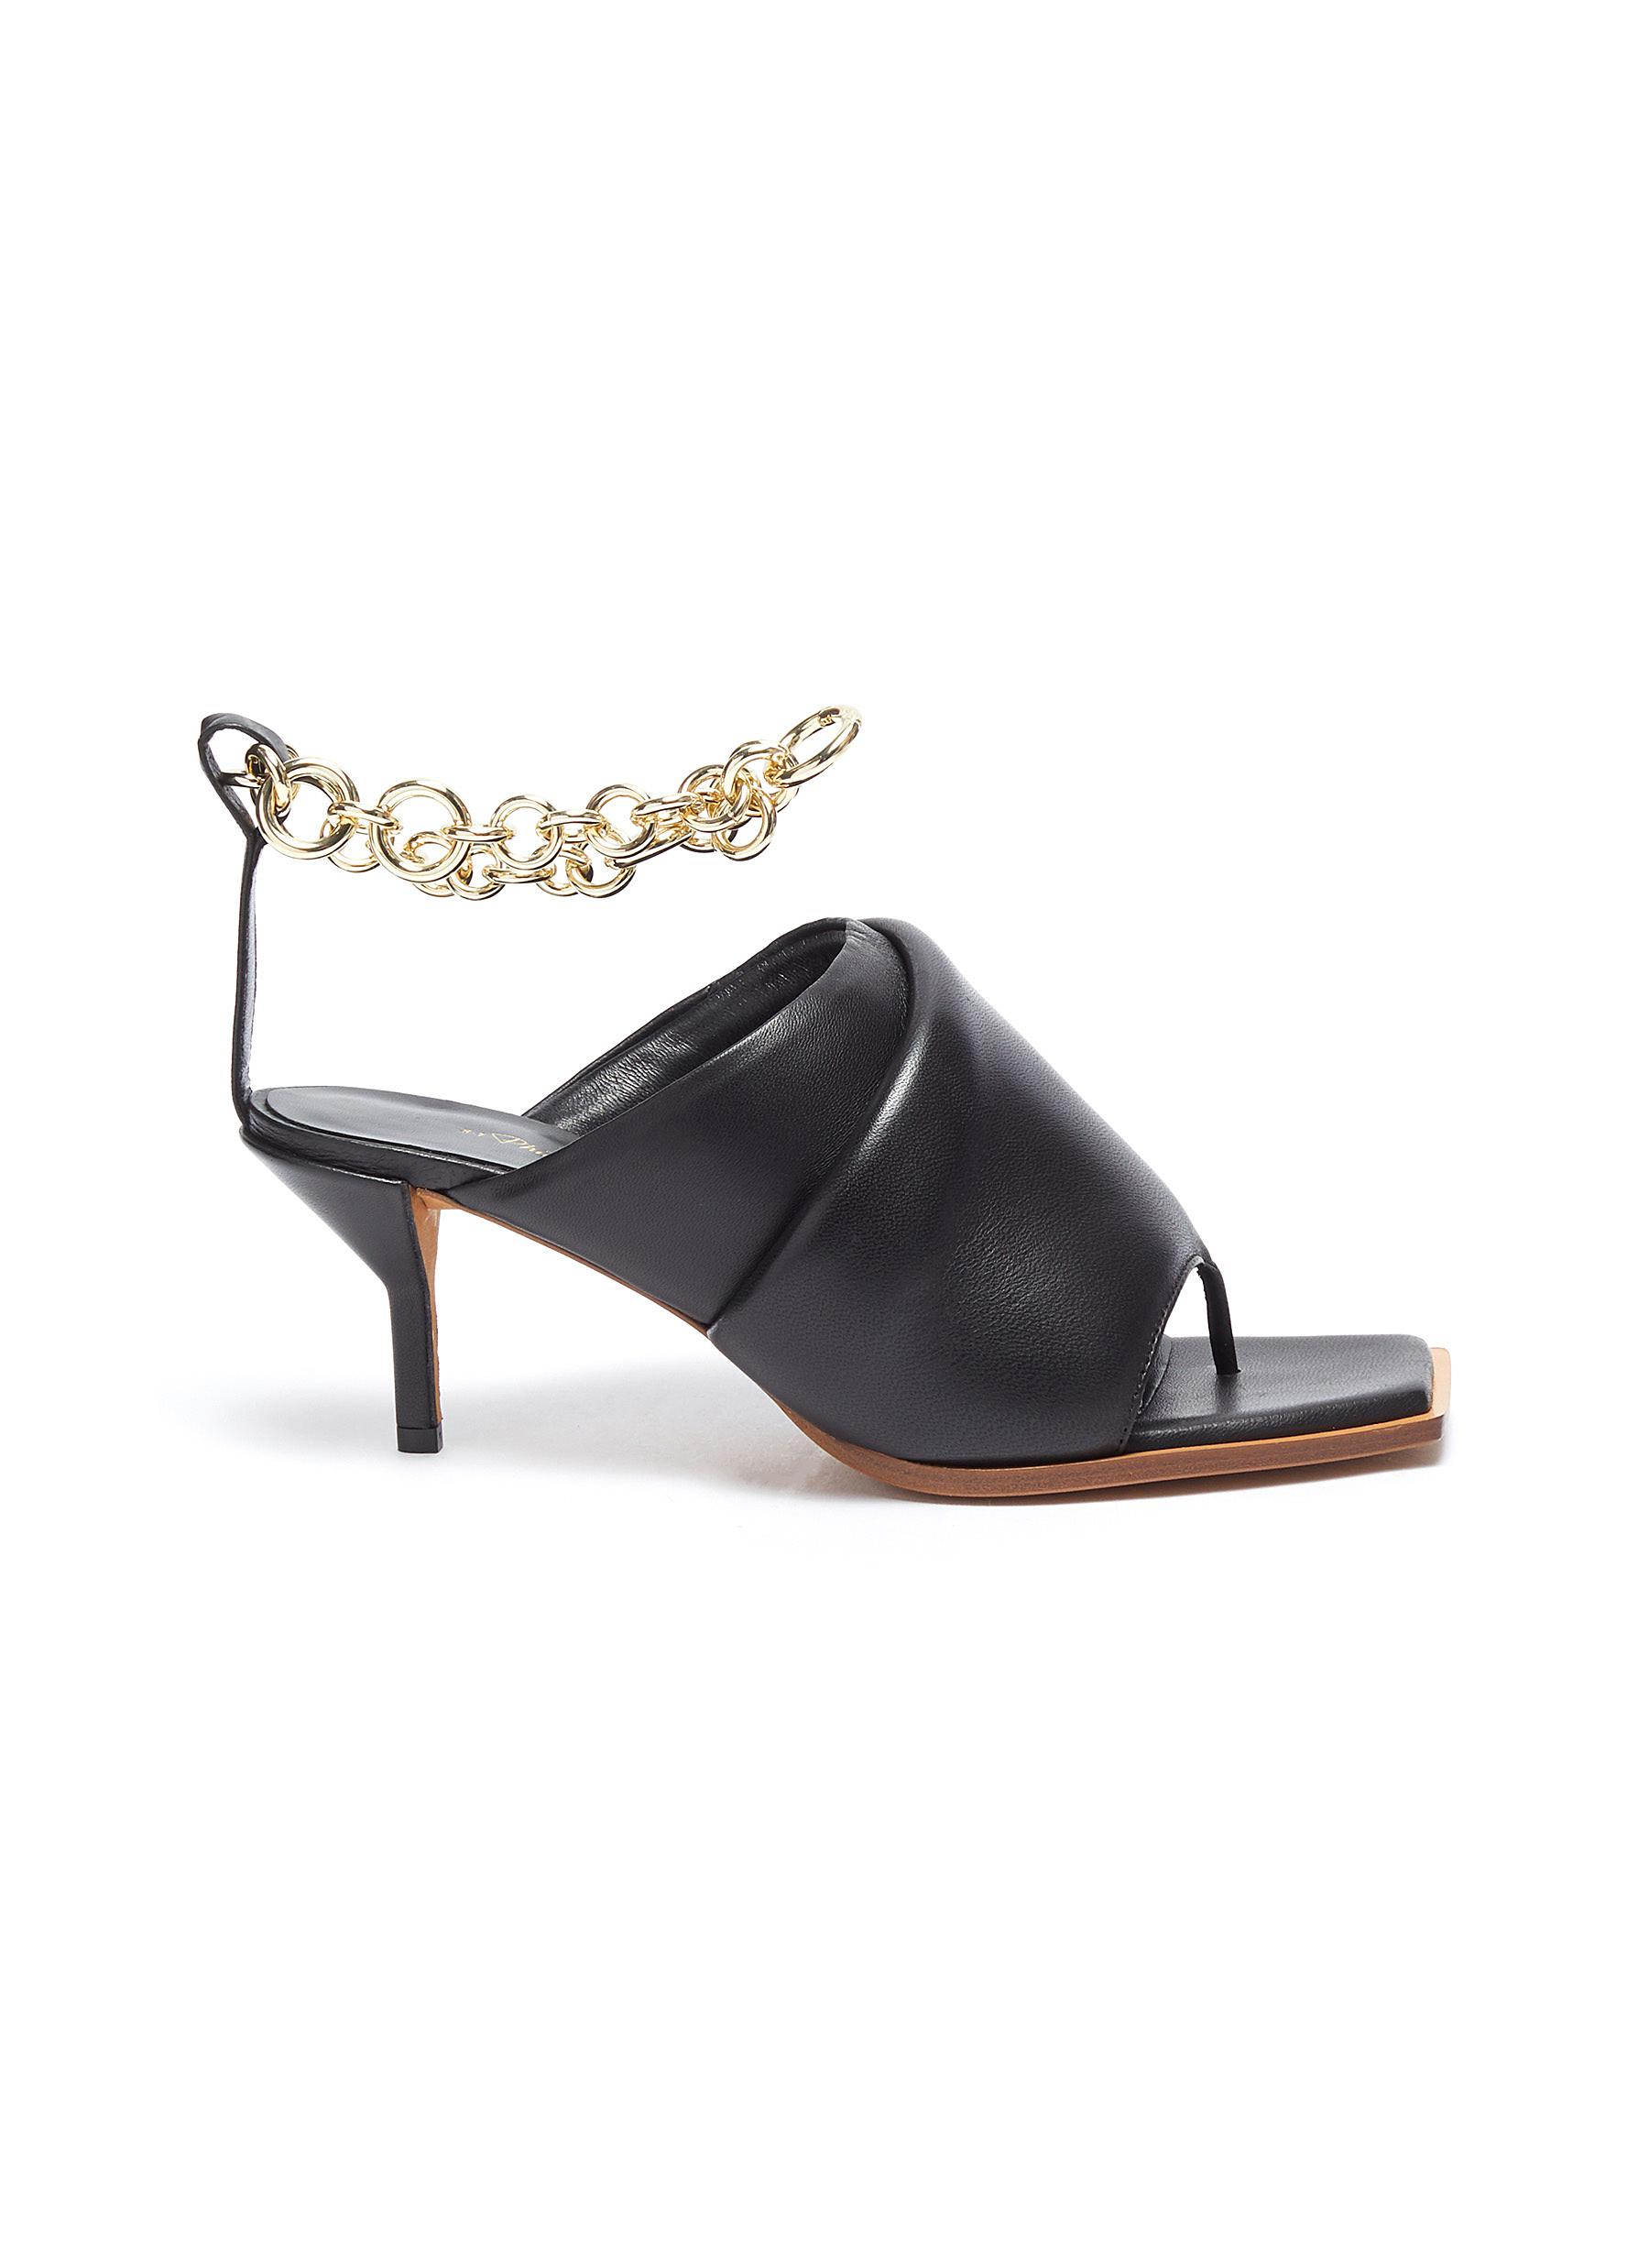 Georgia' Square Toe Chain Ankle Strap Leather Mules - 3.1 PHILLIP LIM - Modalova